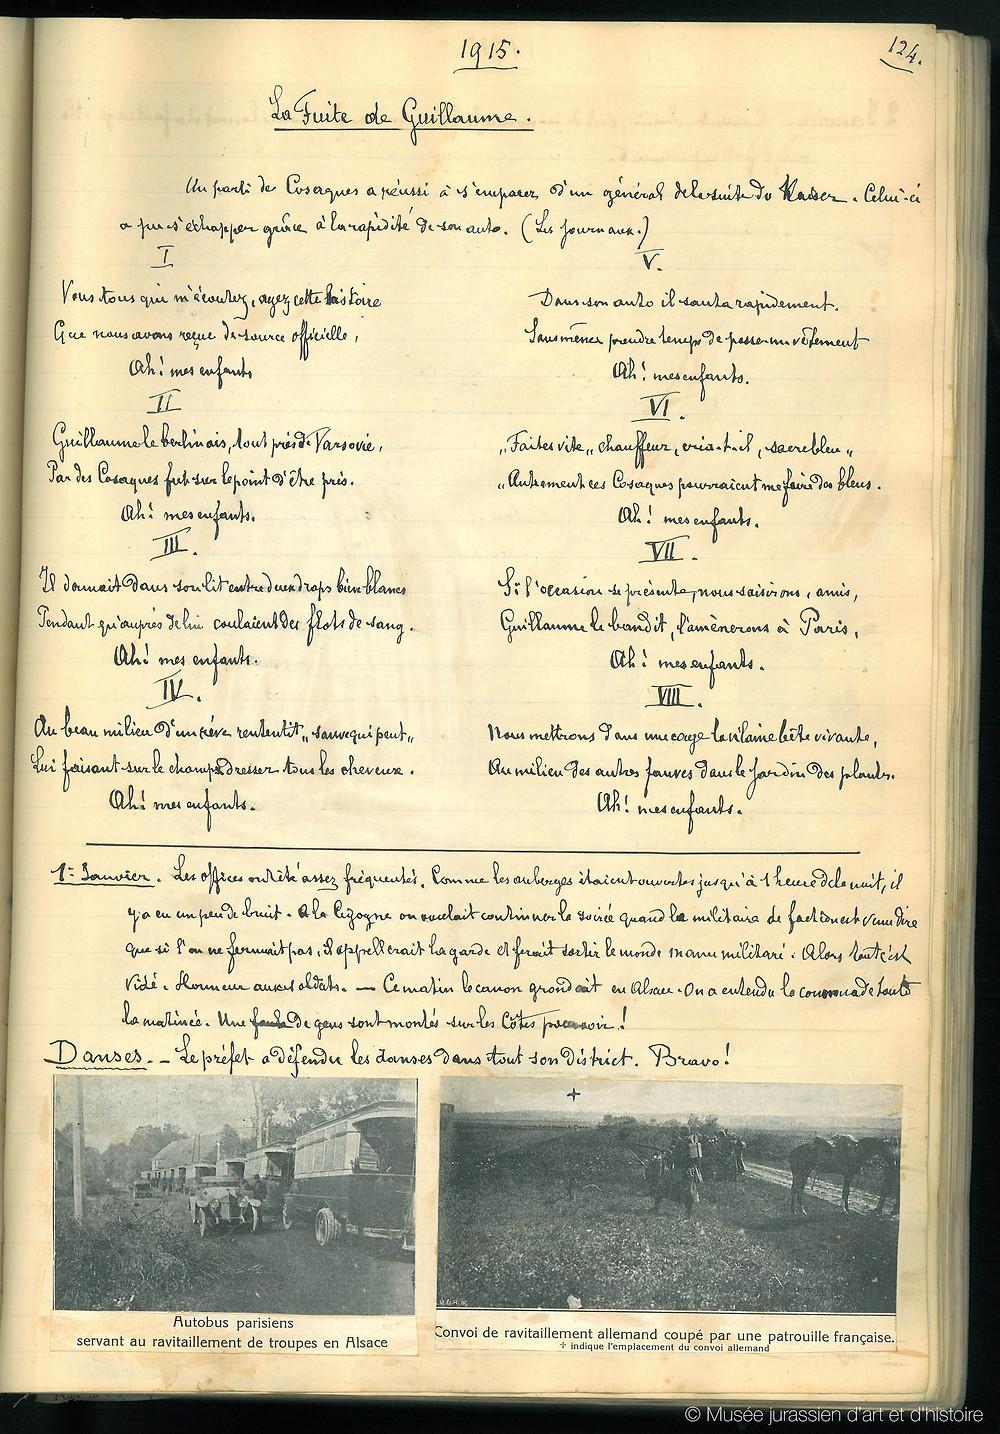 1915_1janvier_124bis_Copyright.jpg